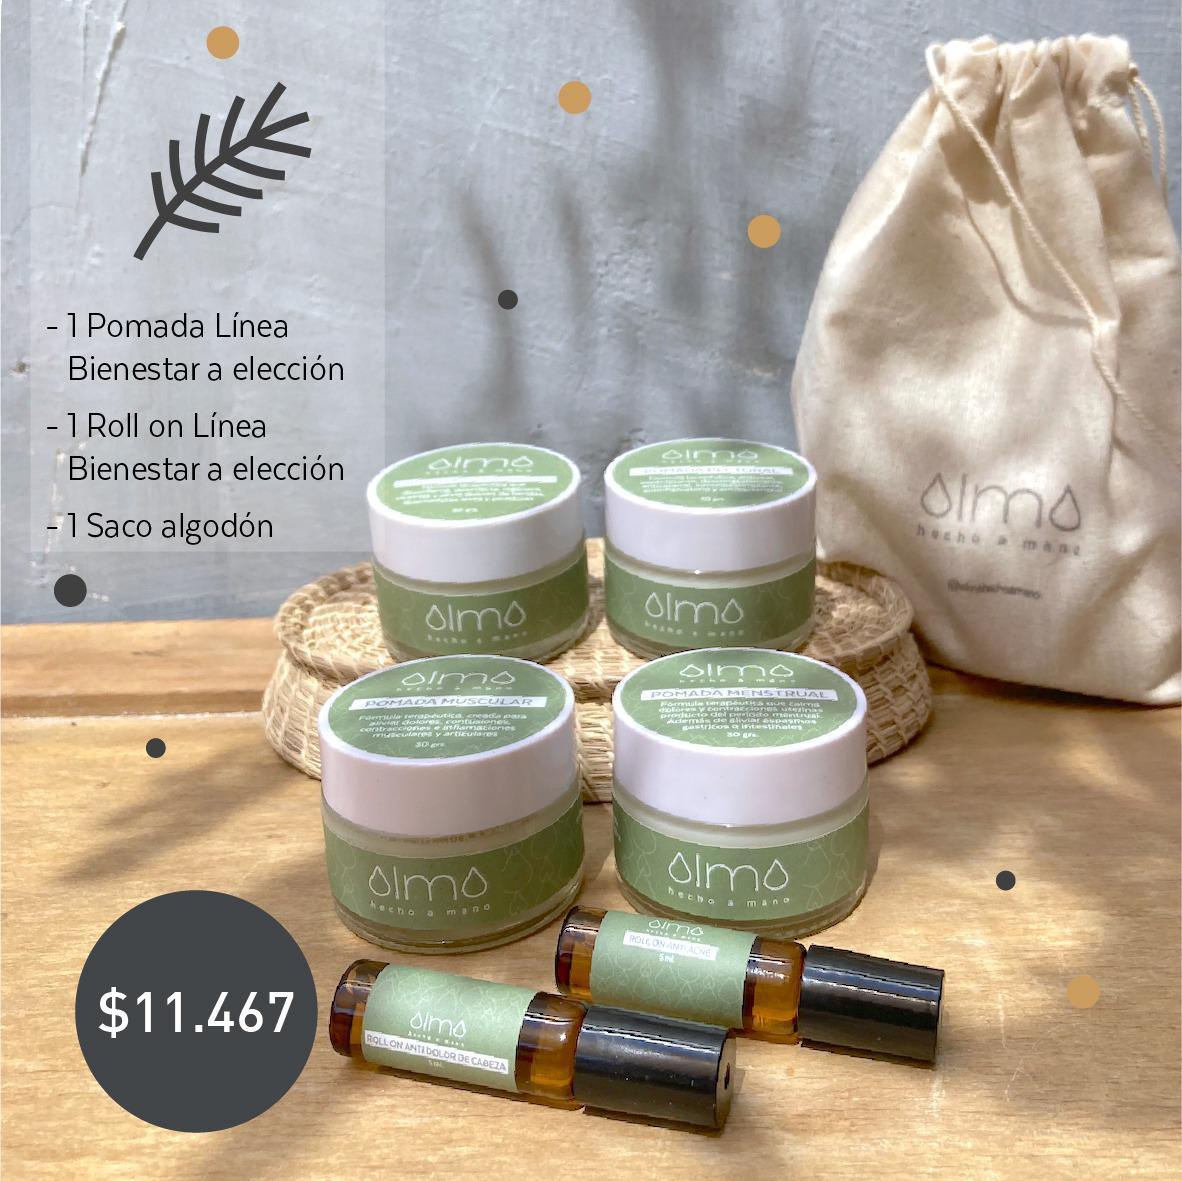 Ideas de regalo: packs de cosmética vegetal Alma 3